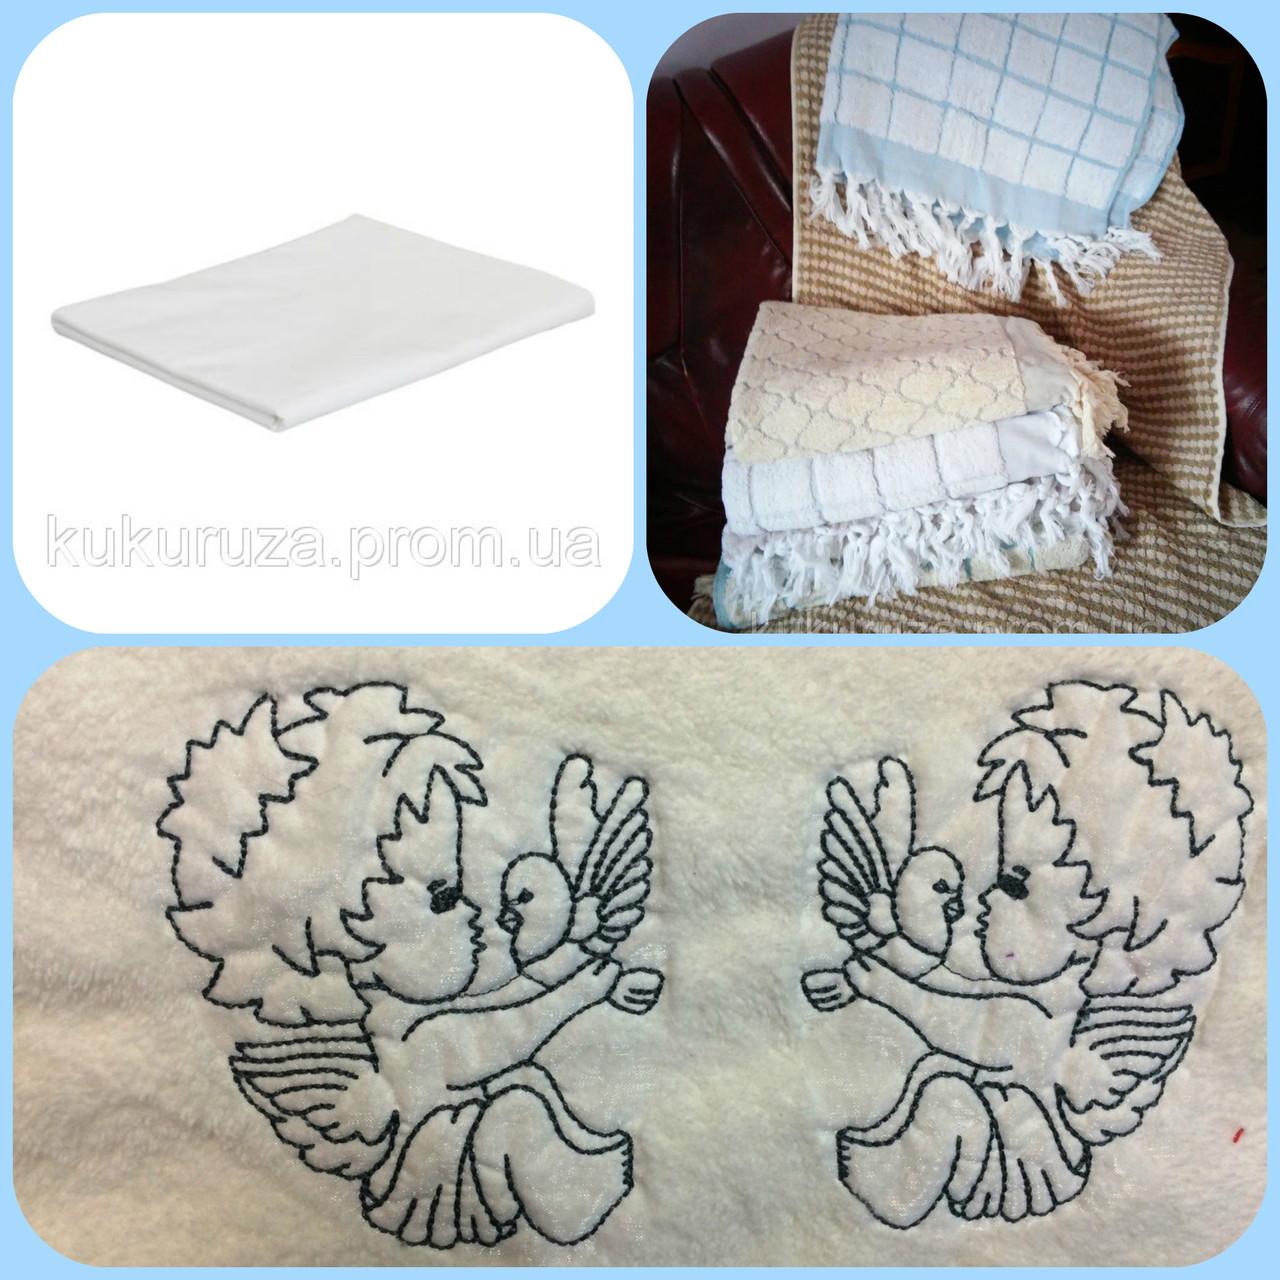 Текстиль для крещения малыша в ассортименте